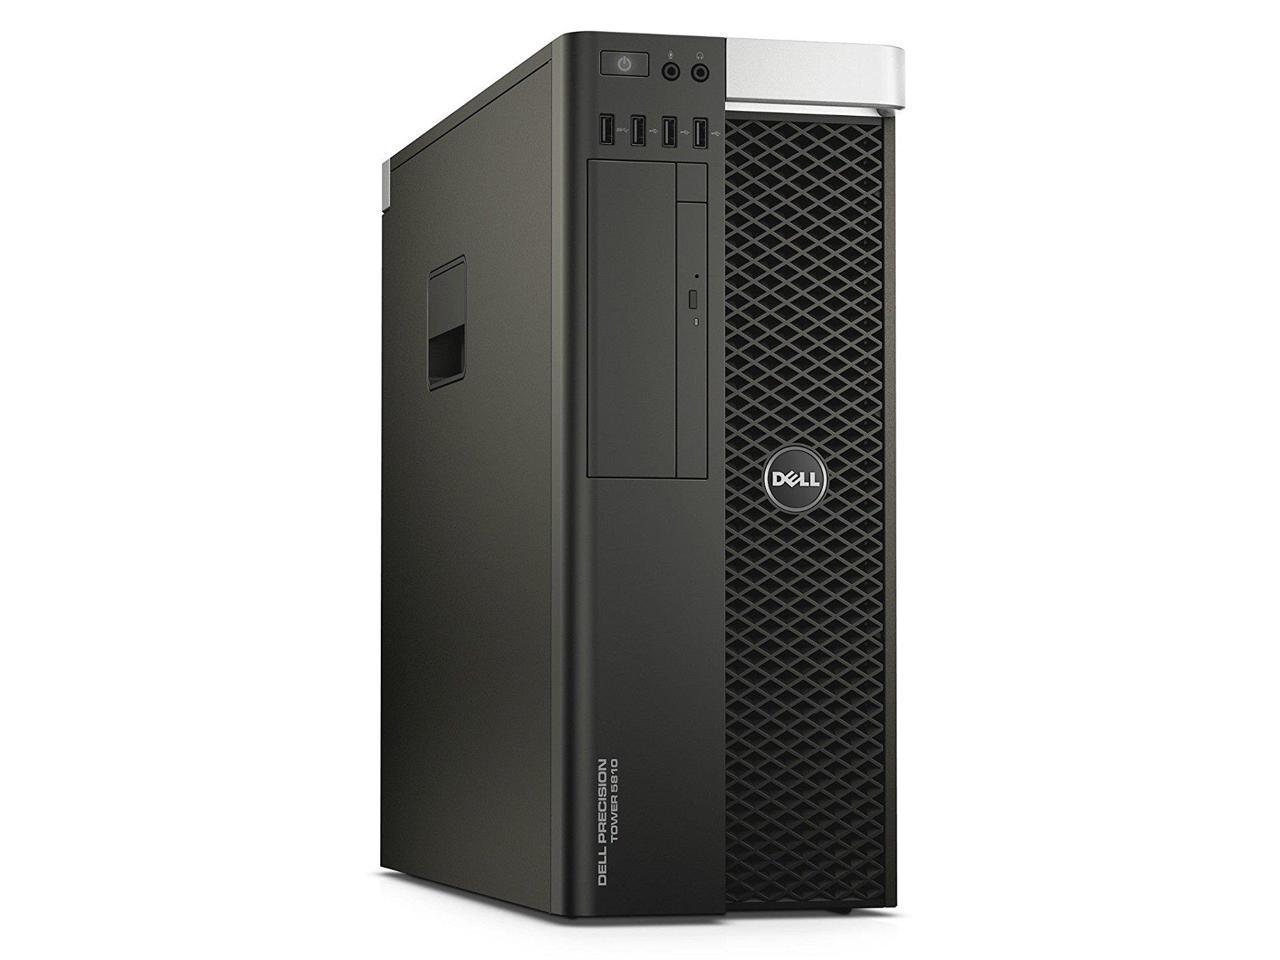 Dell Precision T5800 E5-2680-V3 64G-New 2TB New 240G SSD Quadro K4200 4GB DDR5 W10P